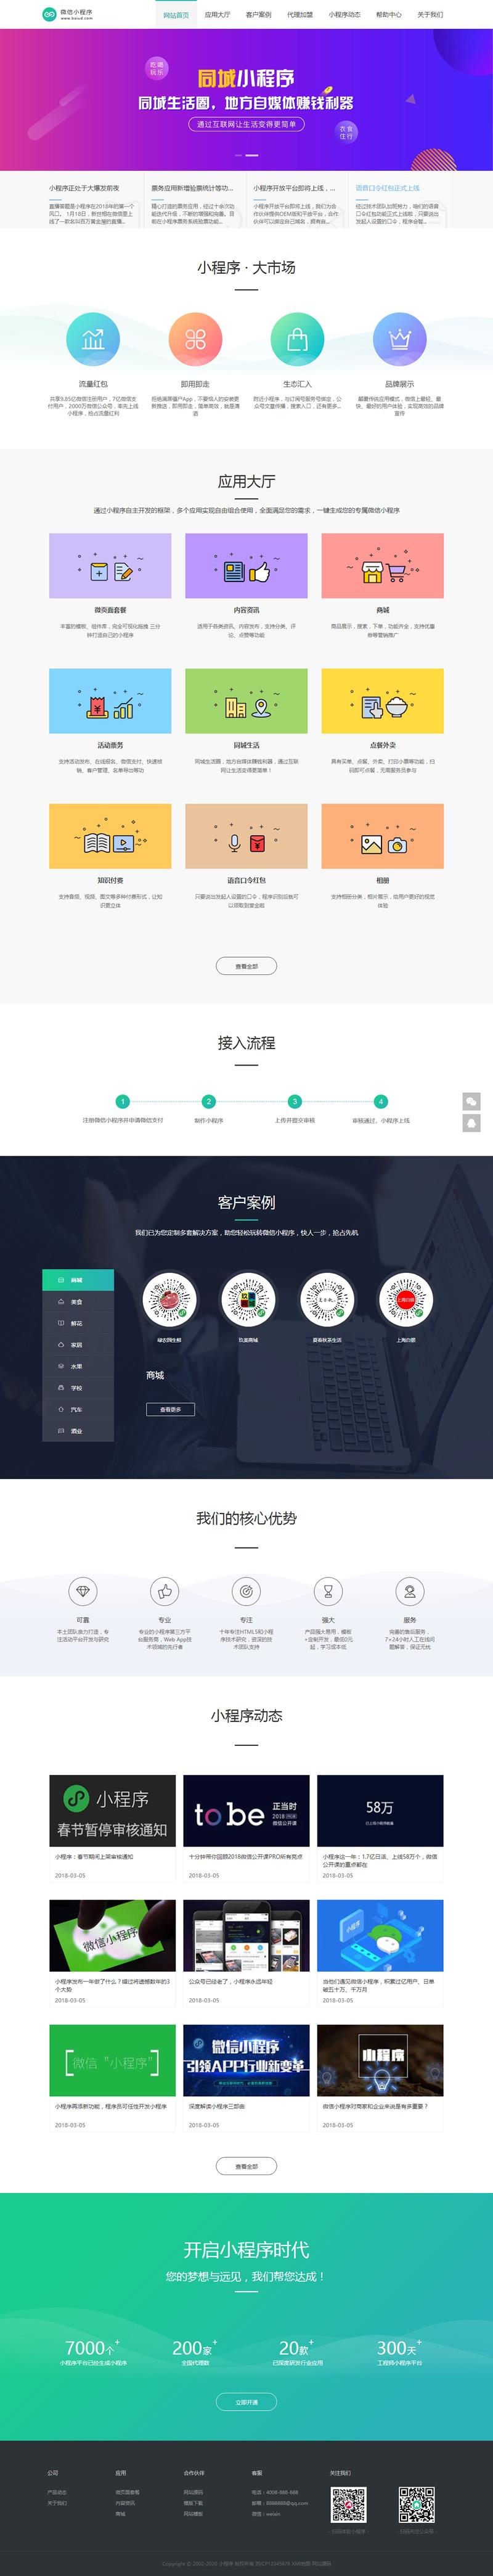 织梦小程序软件织梦网站模板插图(1)